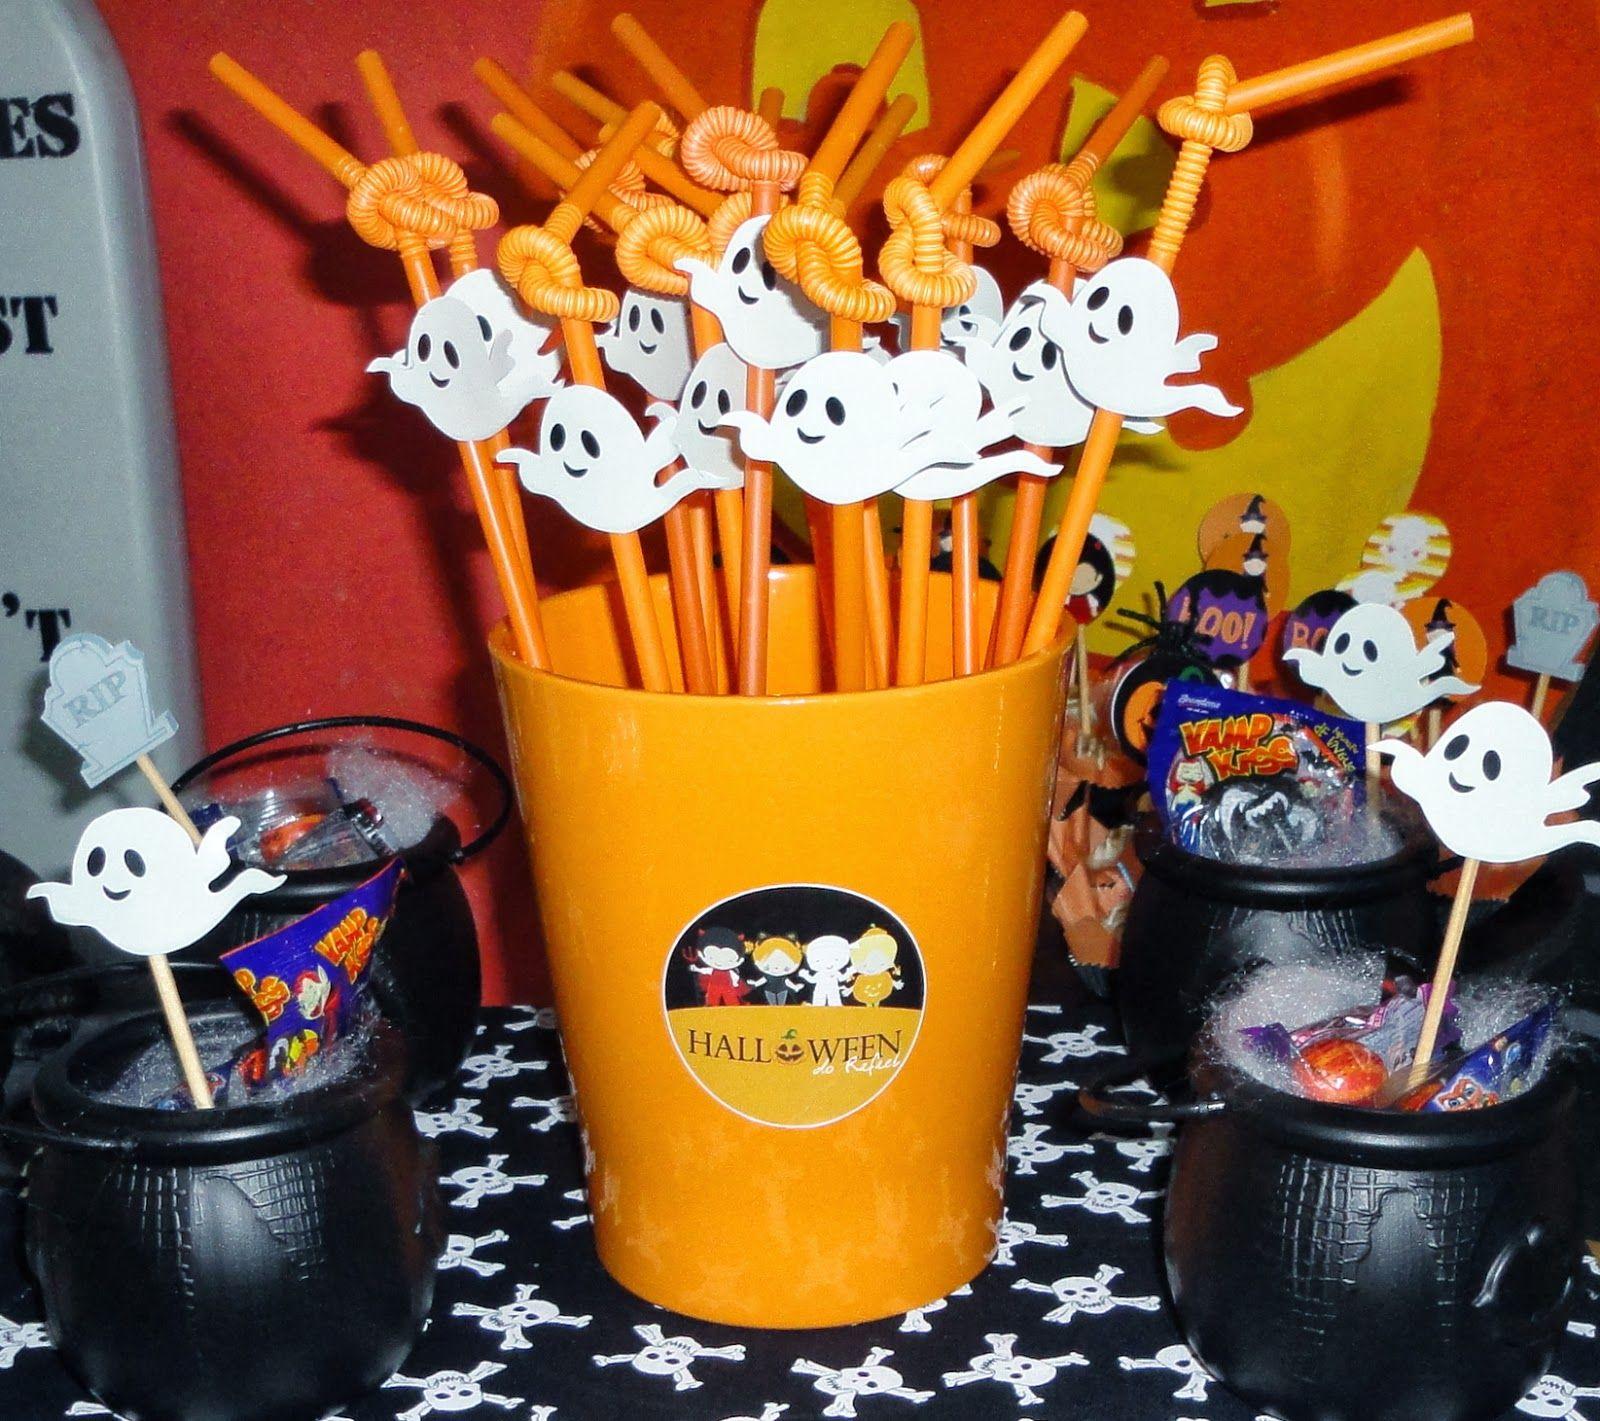 DECORA u00c7ÃO PARA FESTA DE HALLOWEEN DIA DAS BRUXAS, DICAS, EM CASA, SIMPLES, BARATA coisas pra  -> Decoração Simples De Halloween